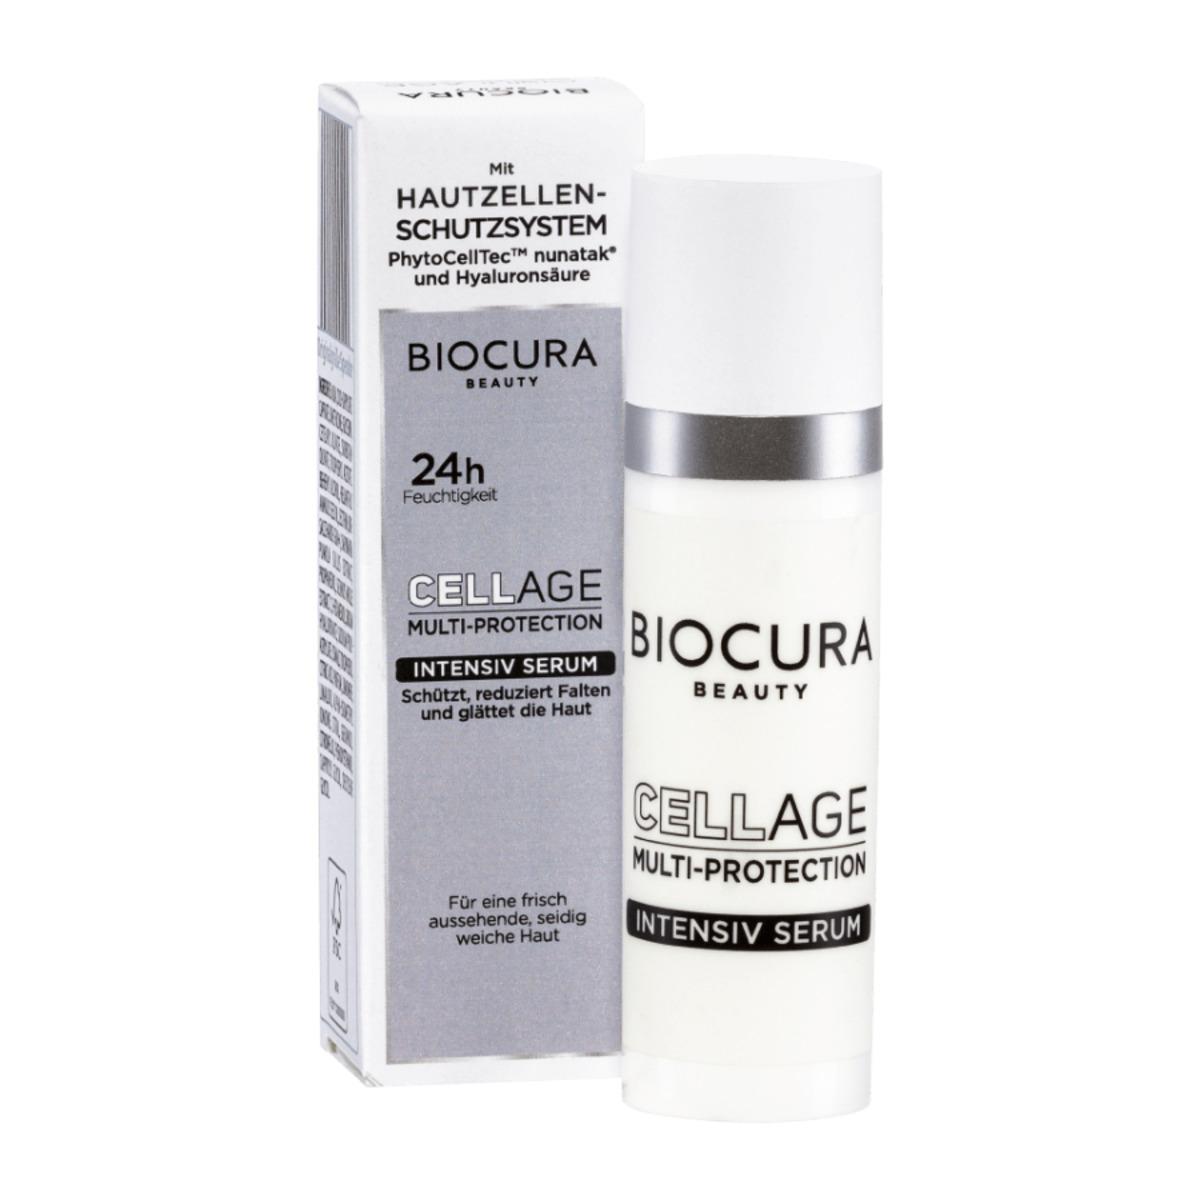 Bild 3 von BIOCURA     Cellage Multi-Protection Augengel/Intensiv Serum